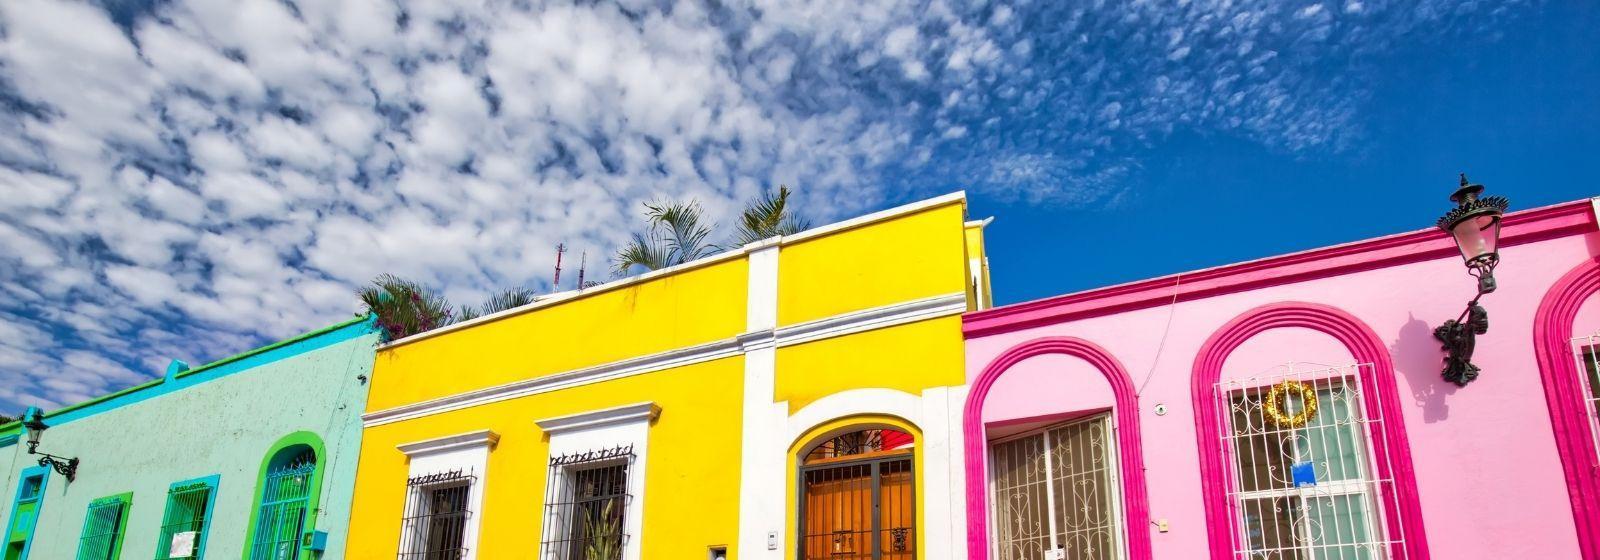 Things to do in Mazatlan